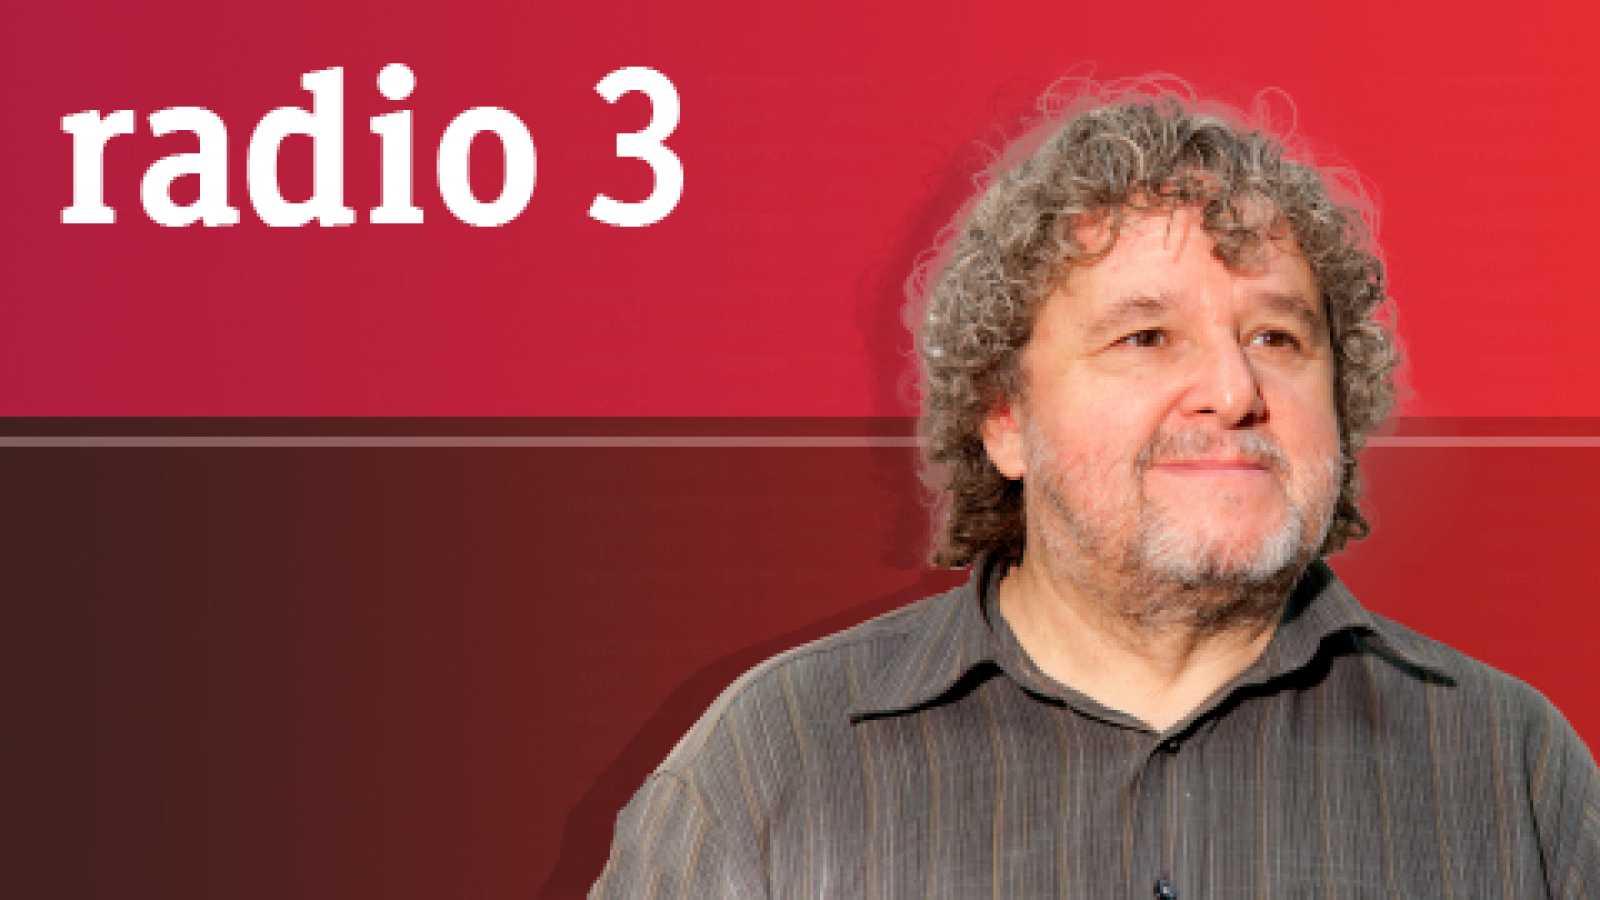 Disco Grande - Sube La Prima de Riesgo y Zulabard habla de tiempo perdido - 29/11/18 - escuchar ahora